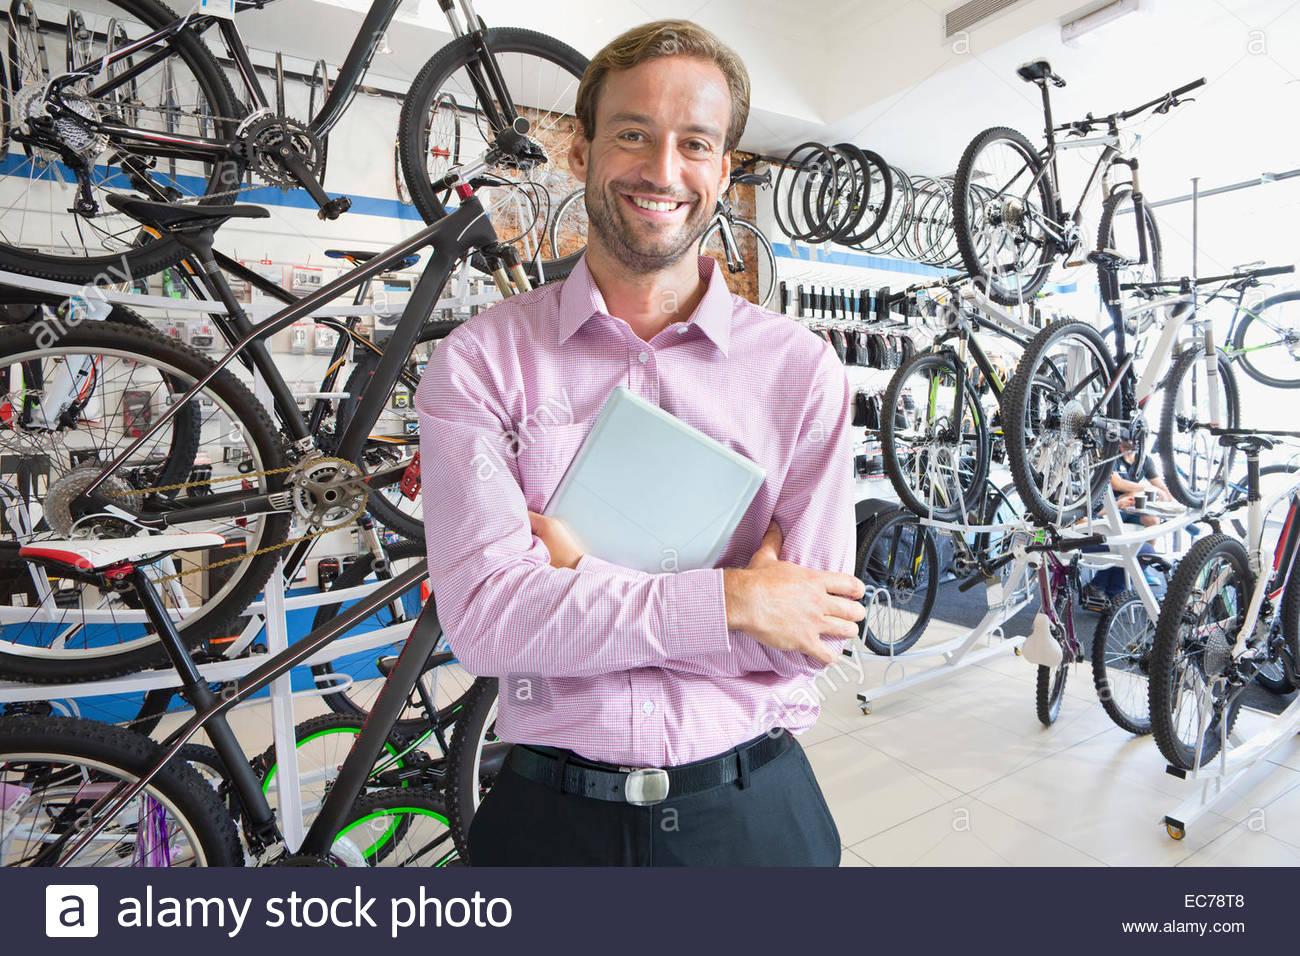 Ladenbesitzer in Fahrradgeschäft lächelnd in die Kamera Stockfoto